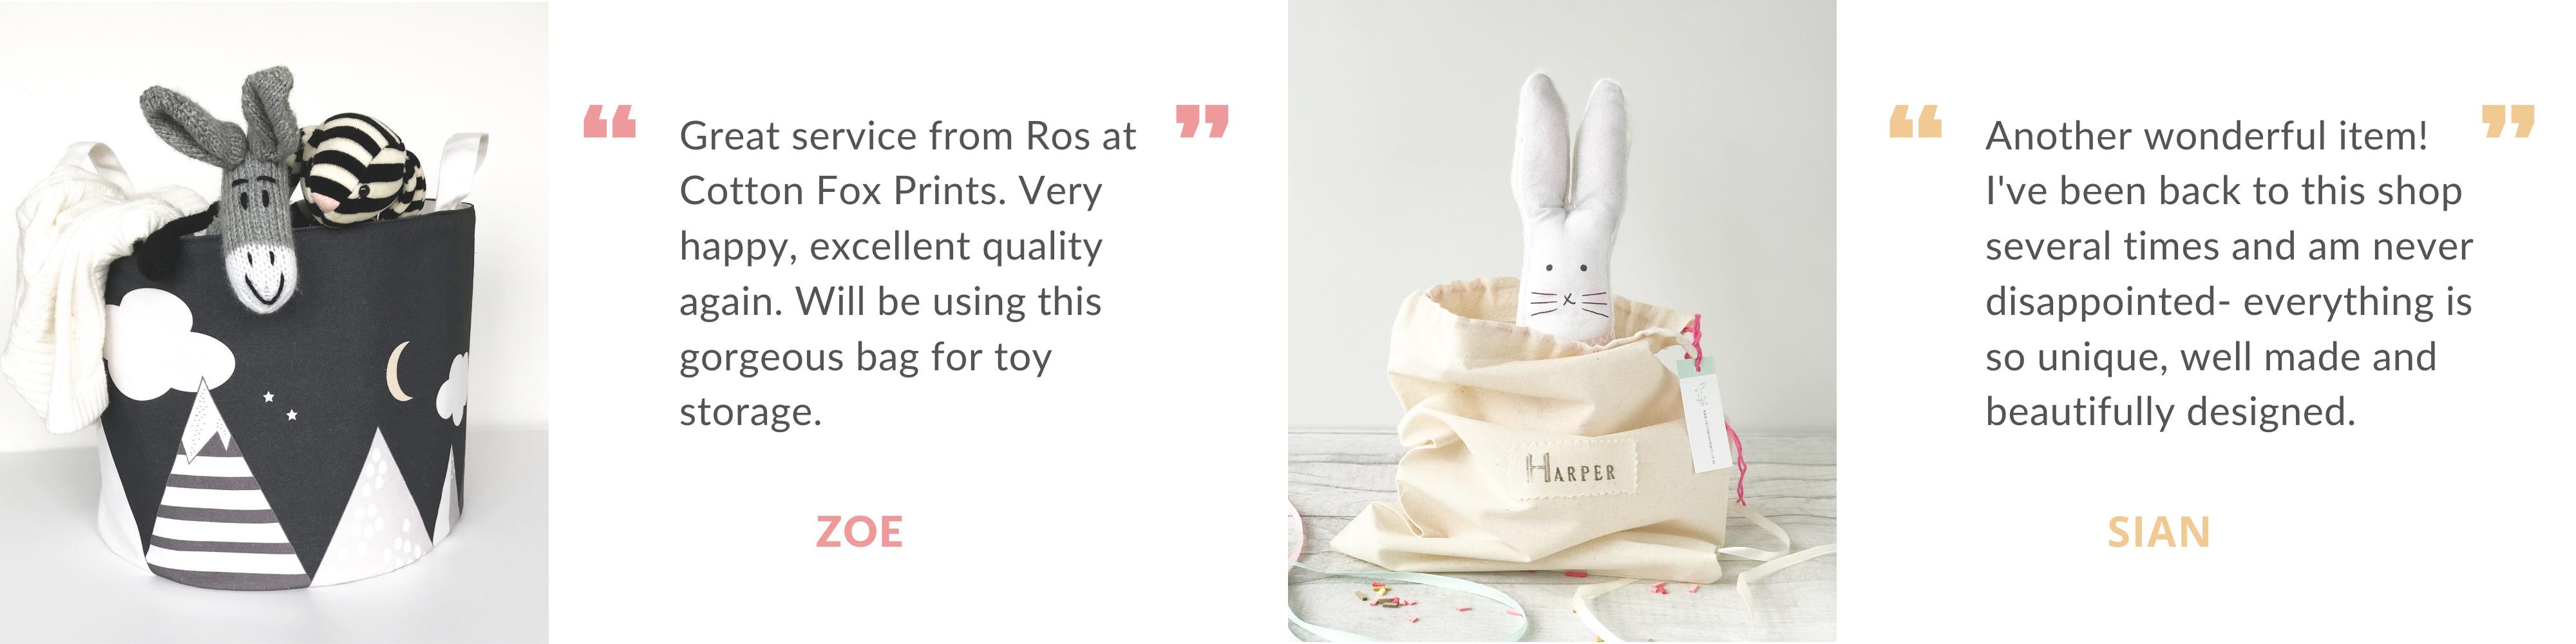 Cottonfoxprints review bunny